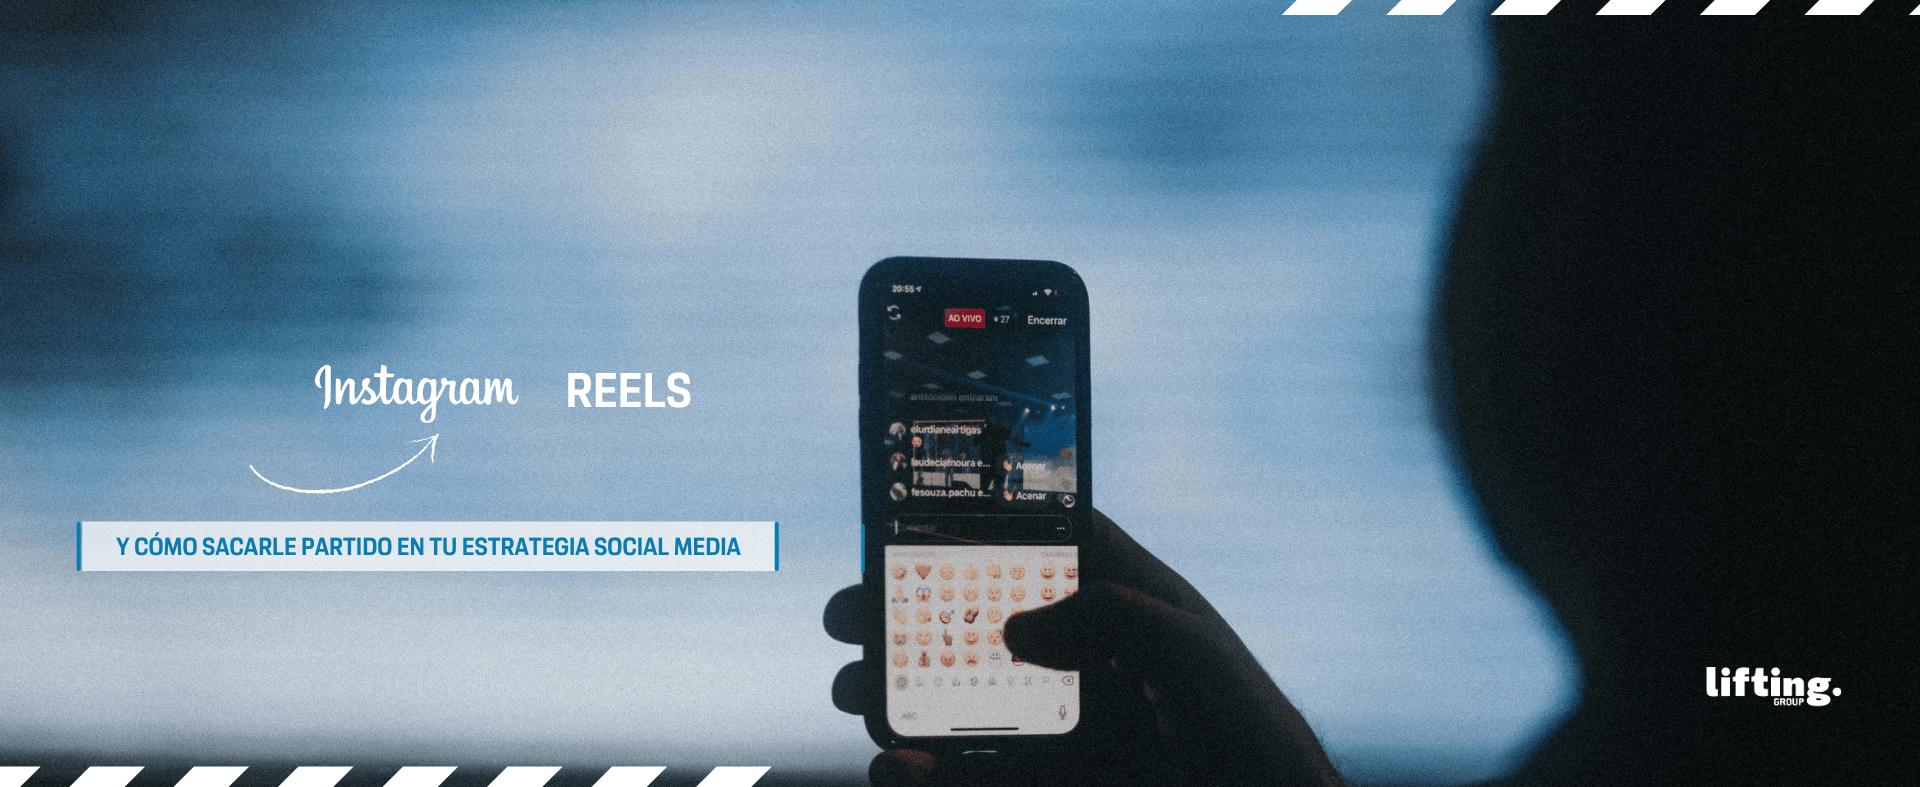 ¿Qué es Instagram Reels y cómo sacarle partido en tu estrategia social media?